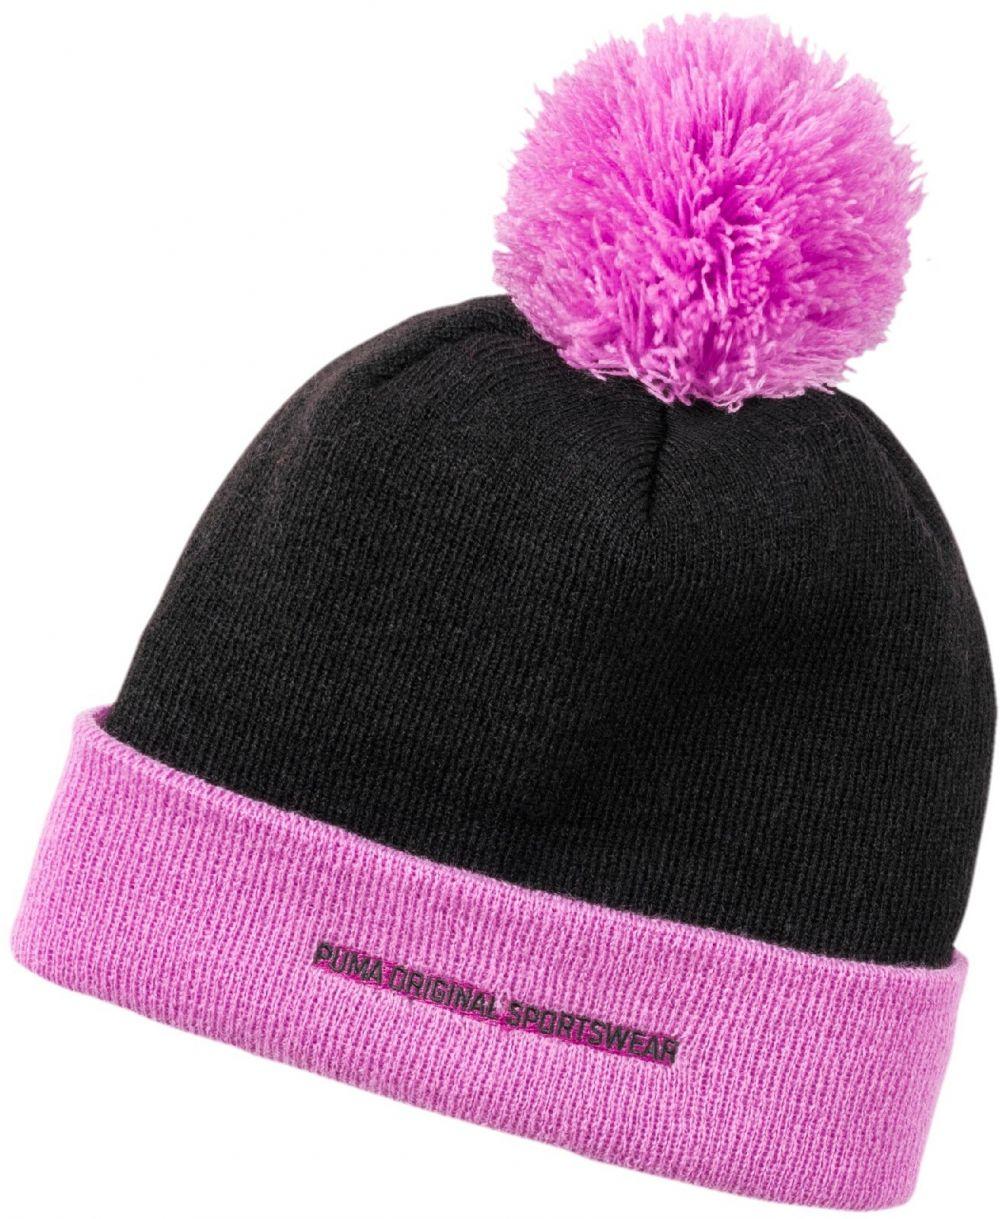 Puma Dievčenská čiapka STYLE Pom Pom beanie - čierno-ružové značky Puma -  Lovely.sk 7170456e6d7